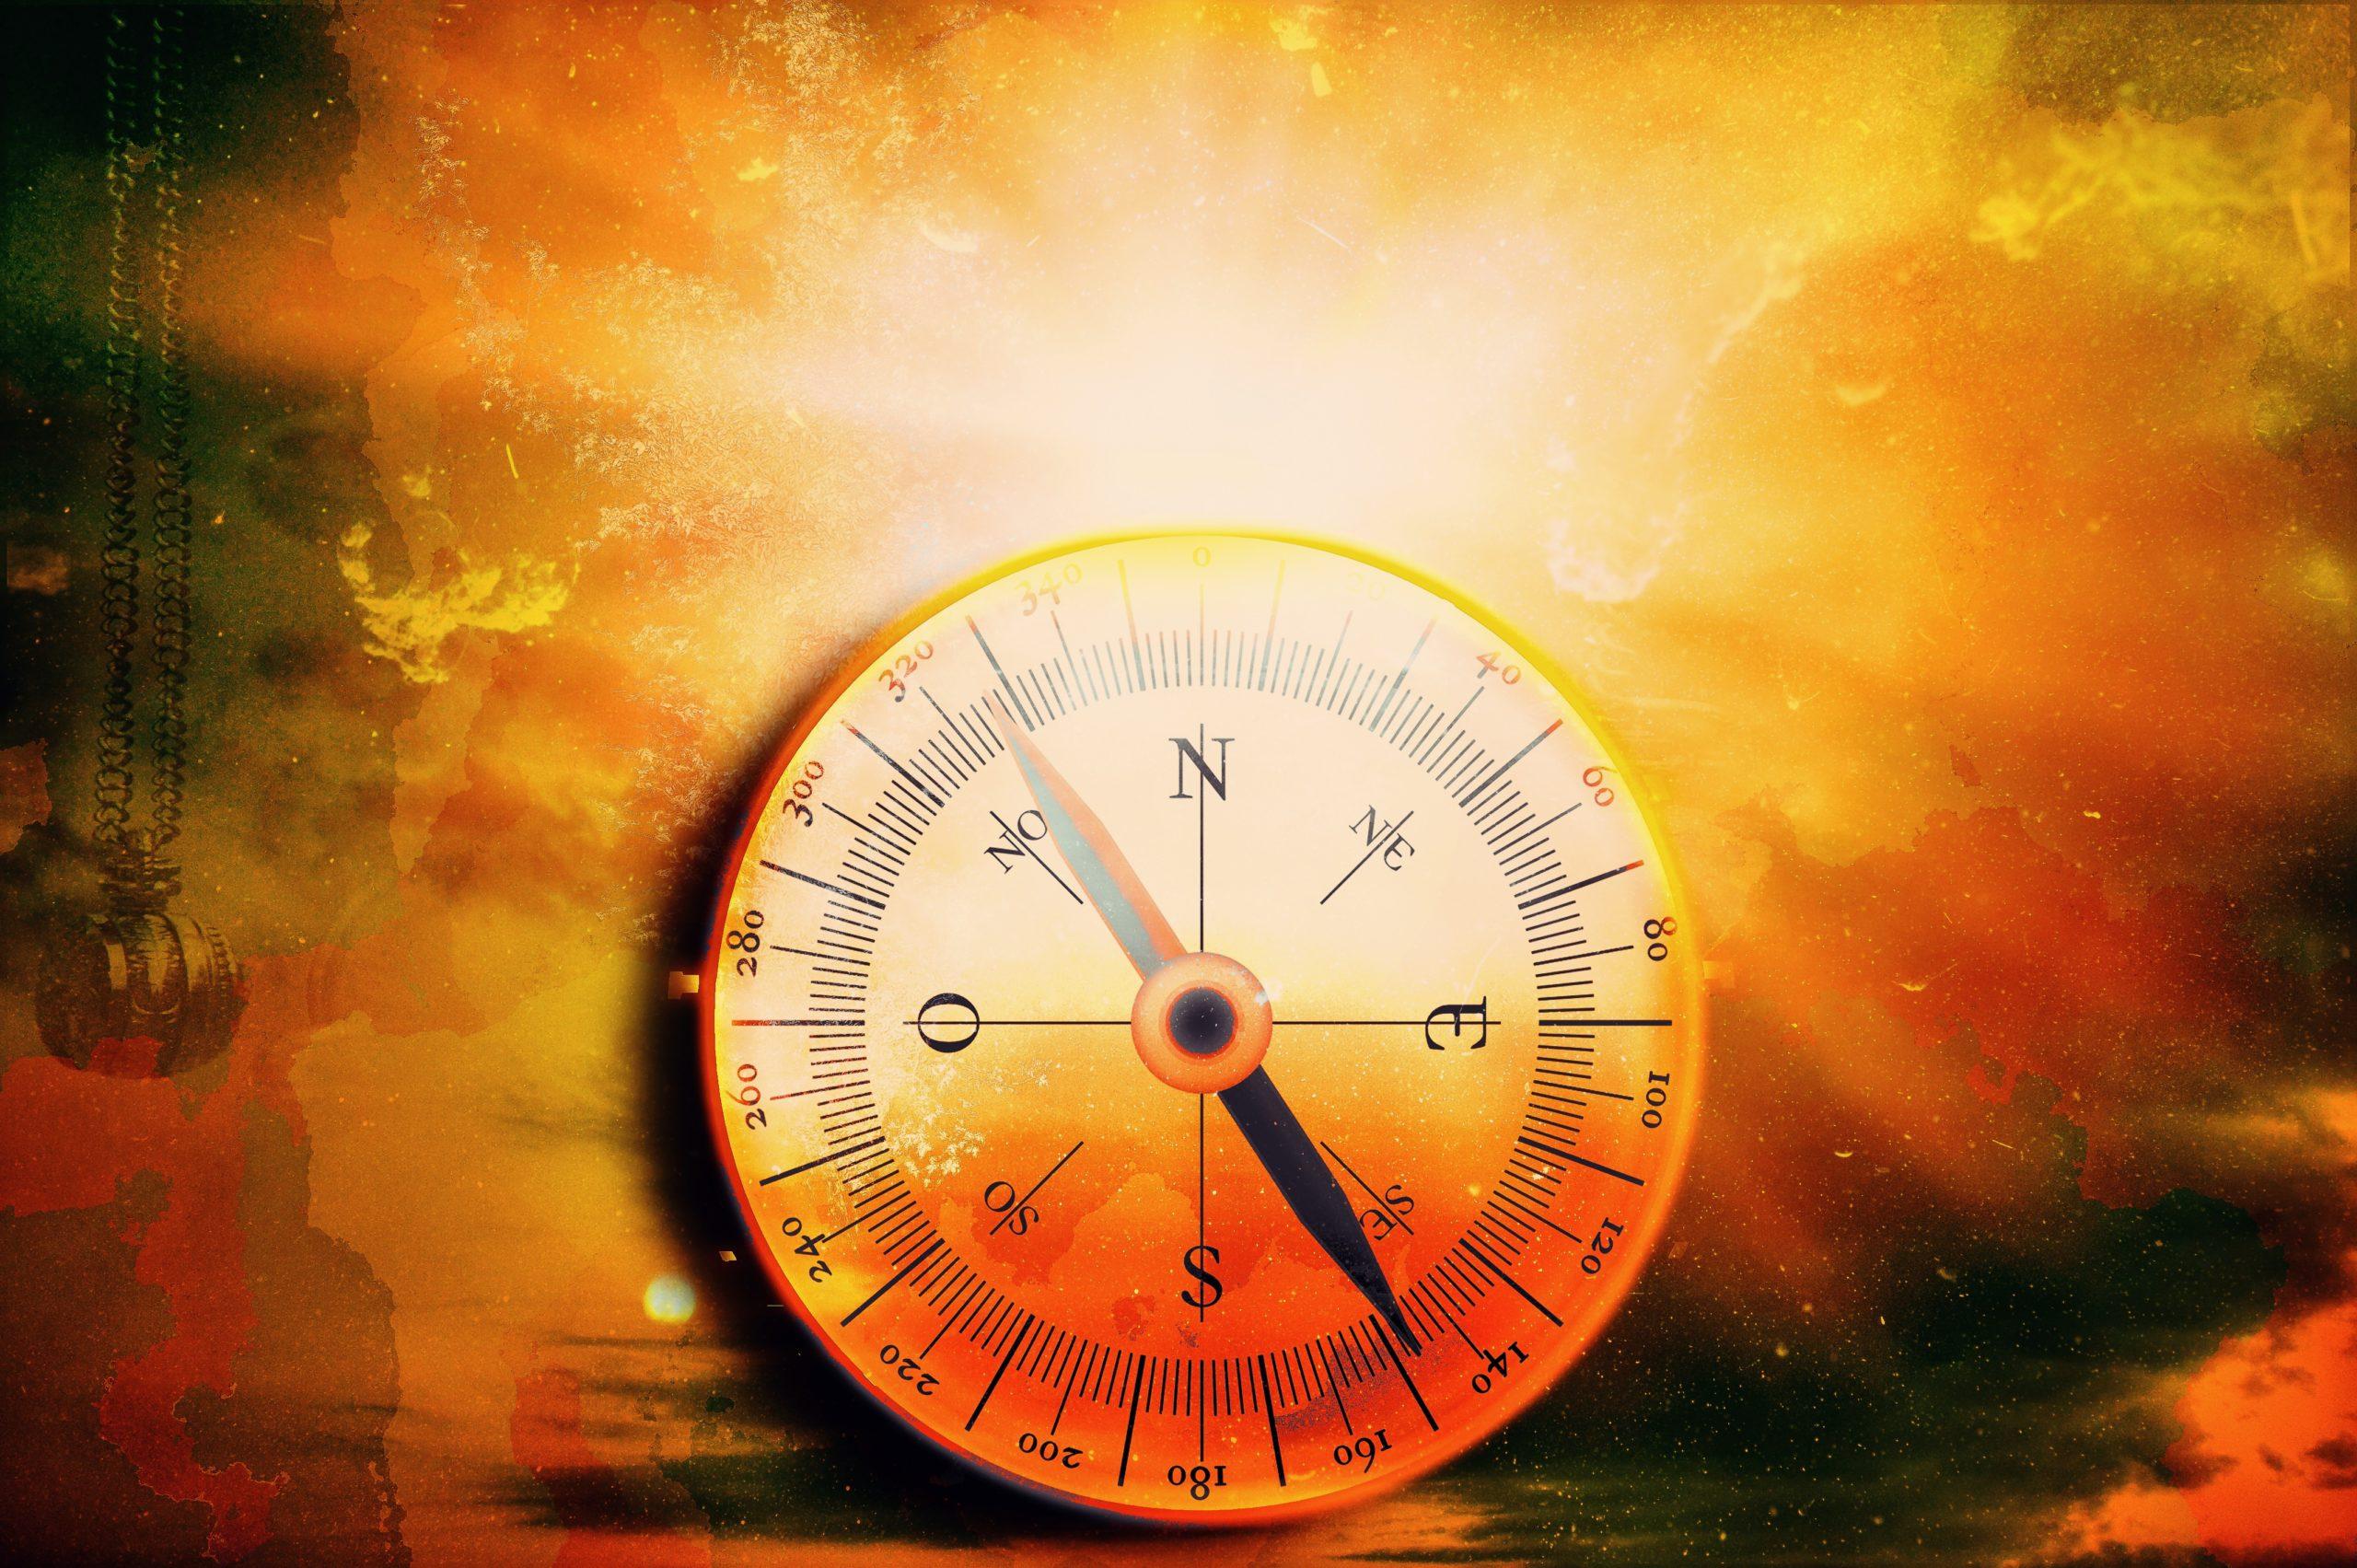 """Kompass vor buntem Hintergrund mit altertümlichem Anstrich als Symbol für die im Unbewussten gespeicherten Erinnerungen, die den """"inneren Kompass"""" speisen"""